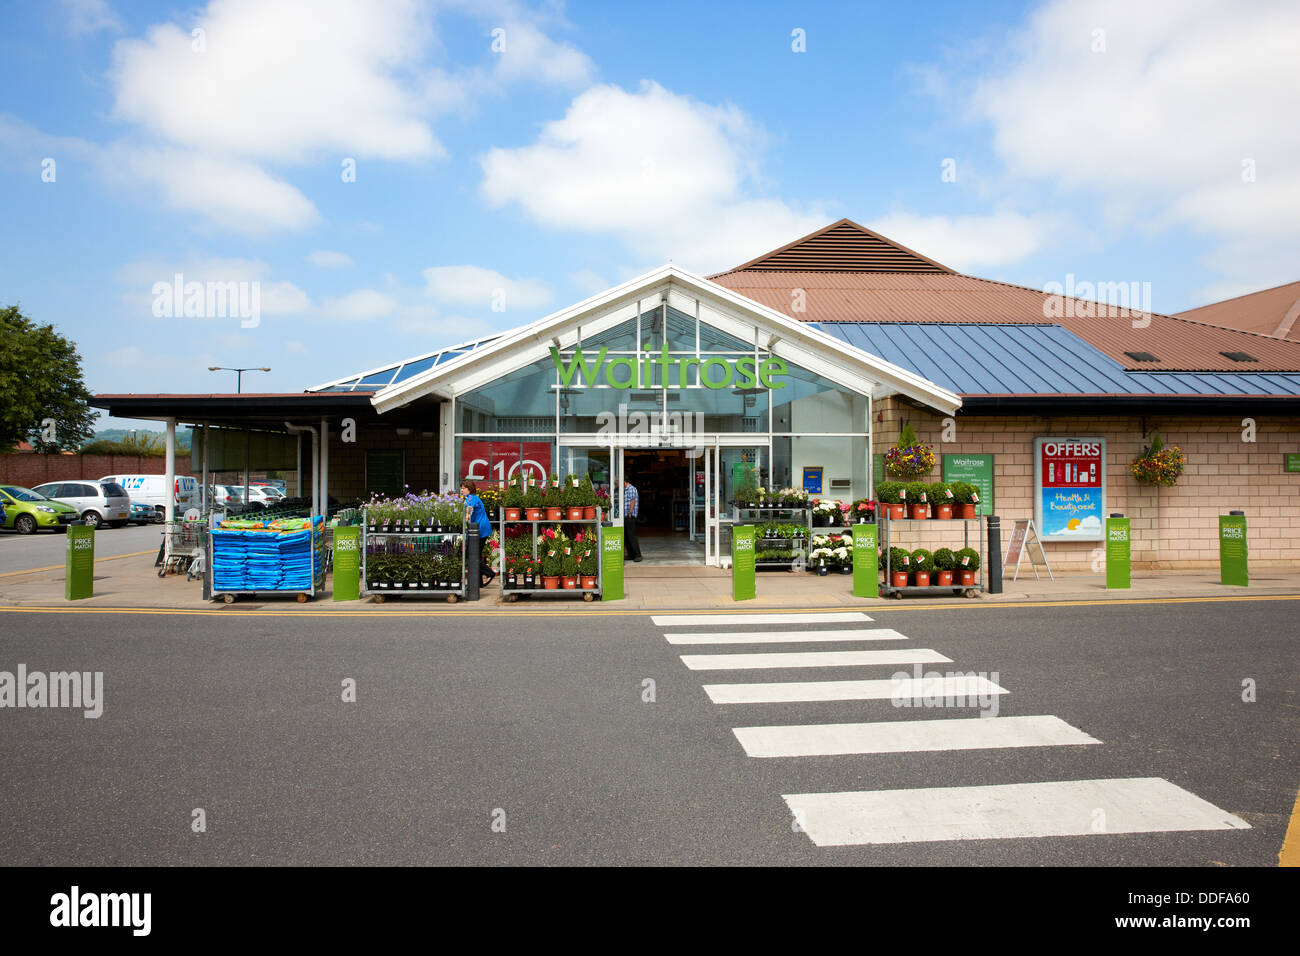 Waitrose Supermarket, Otley, West Yorkshire UK - Stock Image